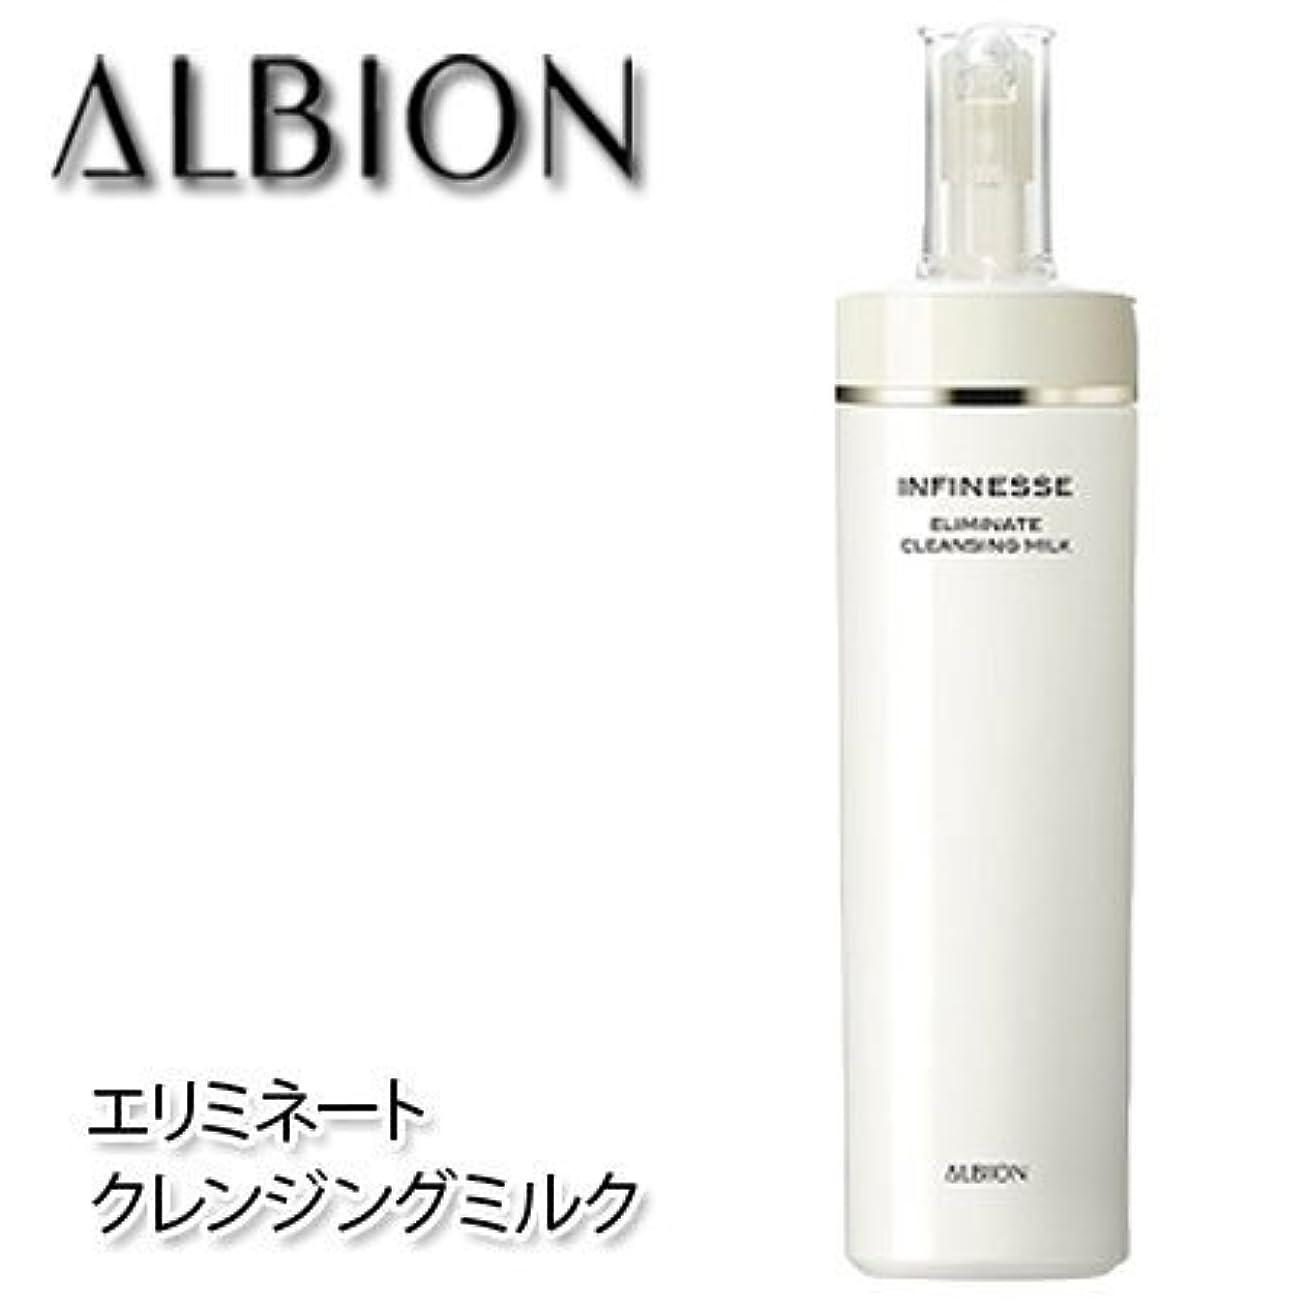 できれば前売申請者アルビオン アンフィネス エリミネート クレンジングミルク 200g-ALBION-